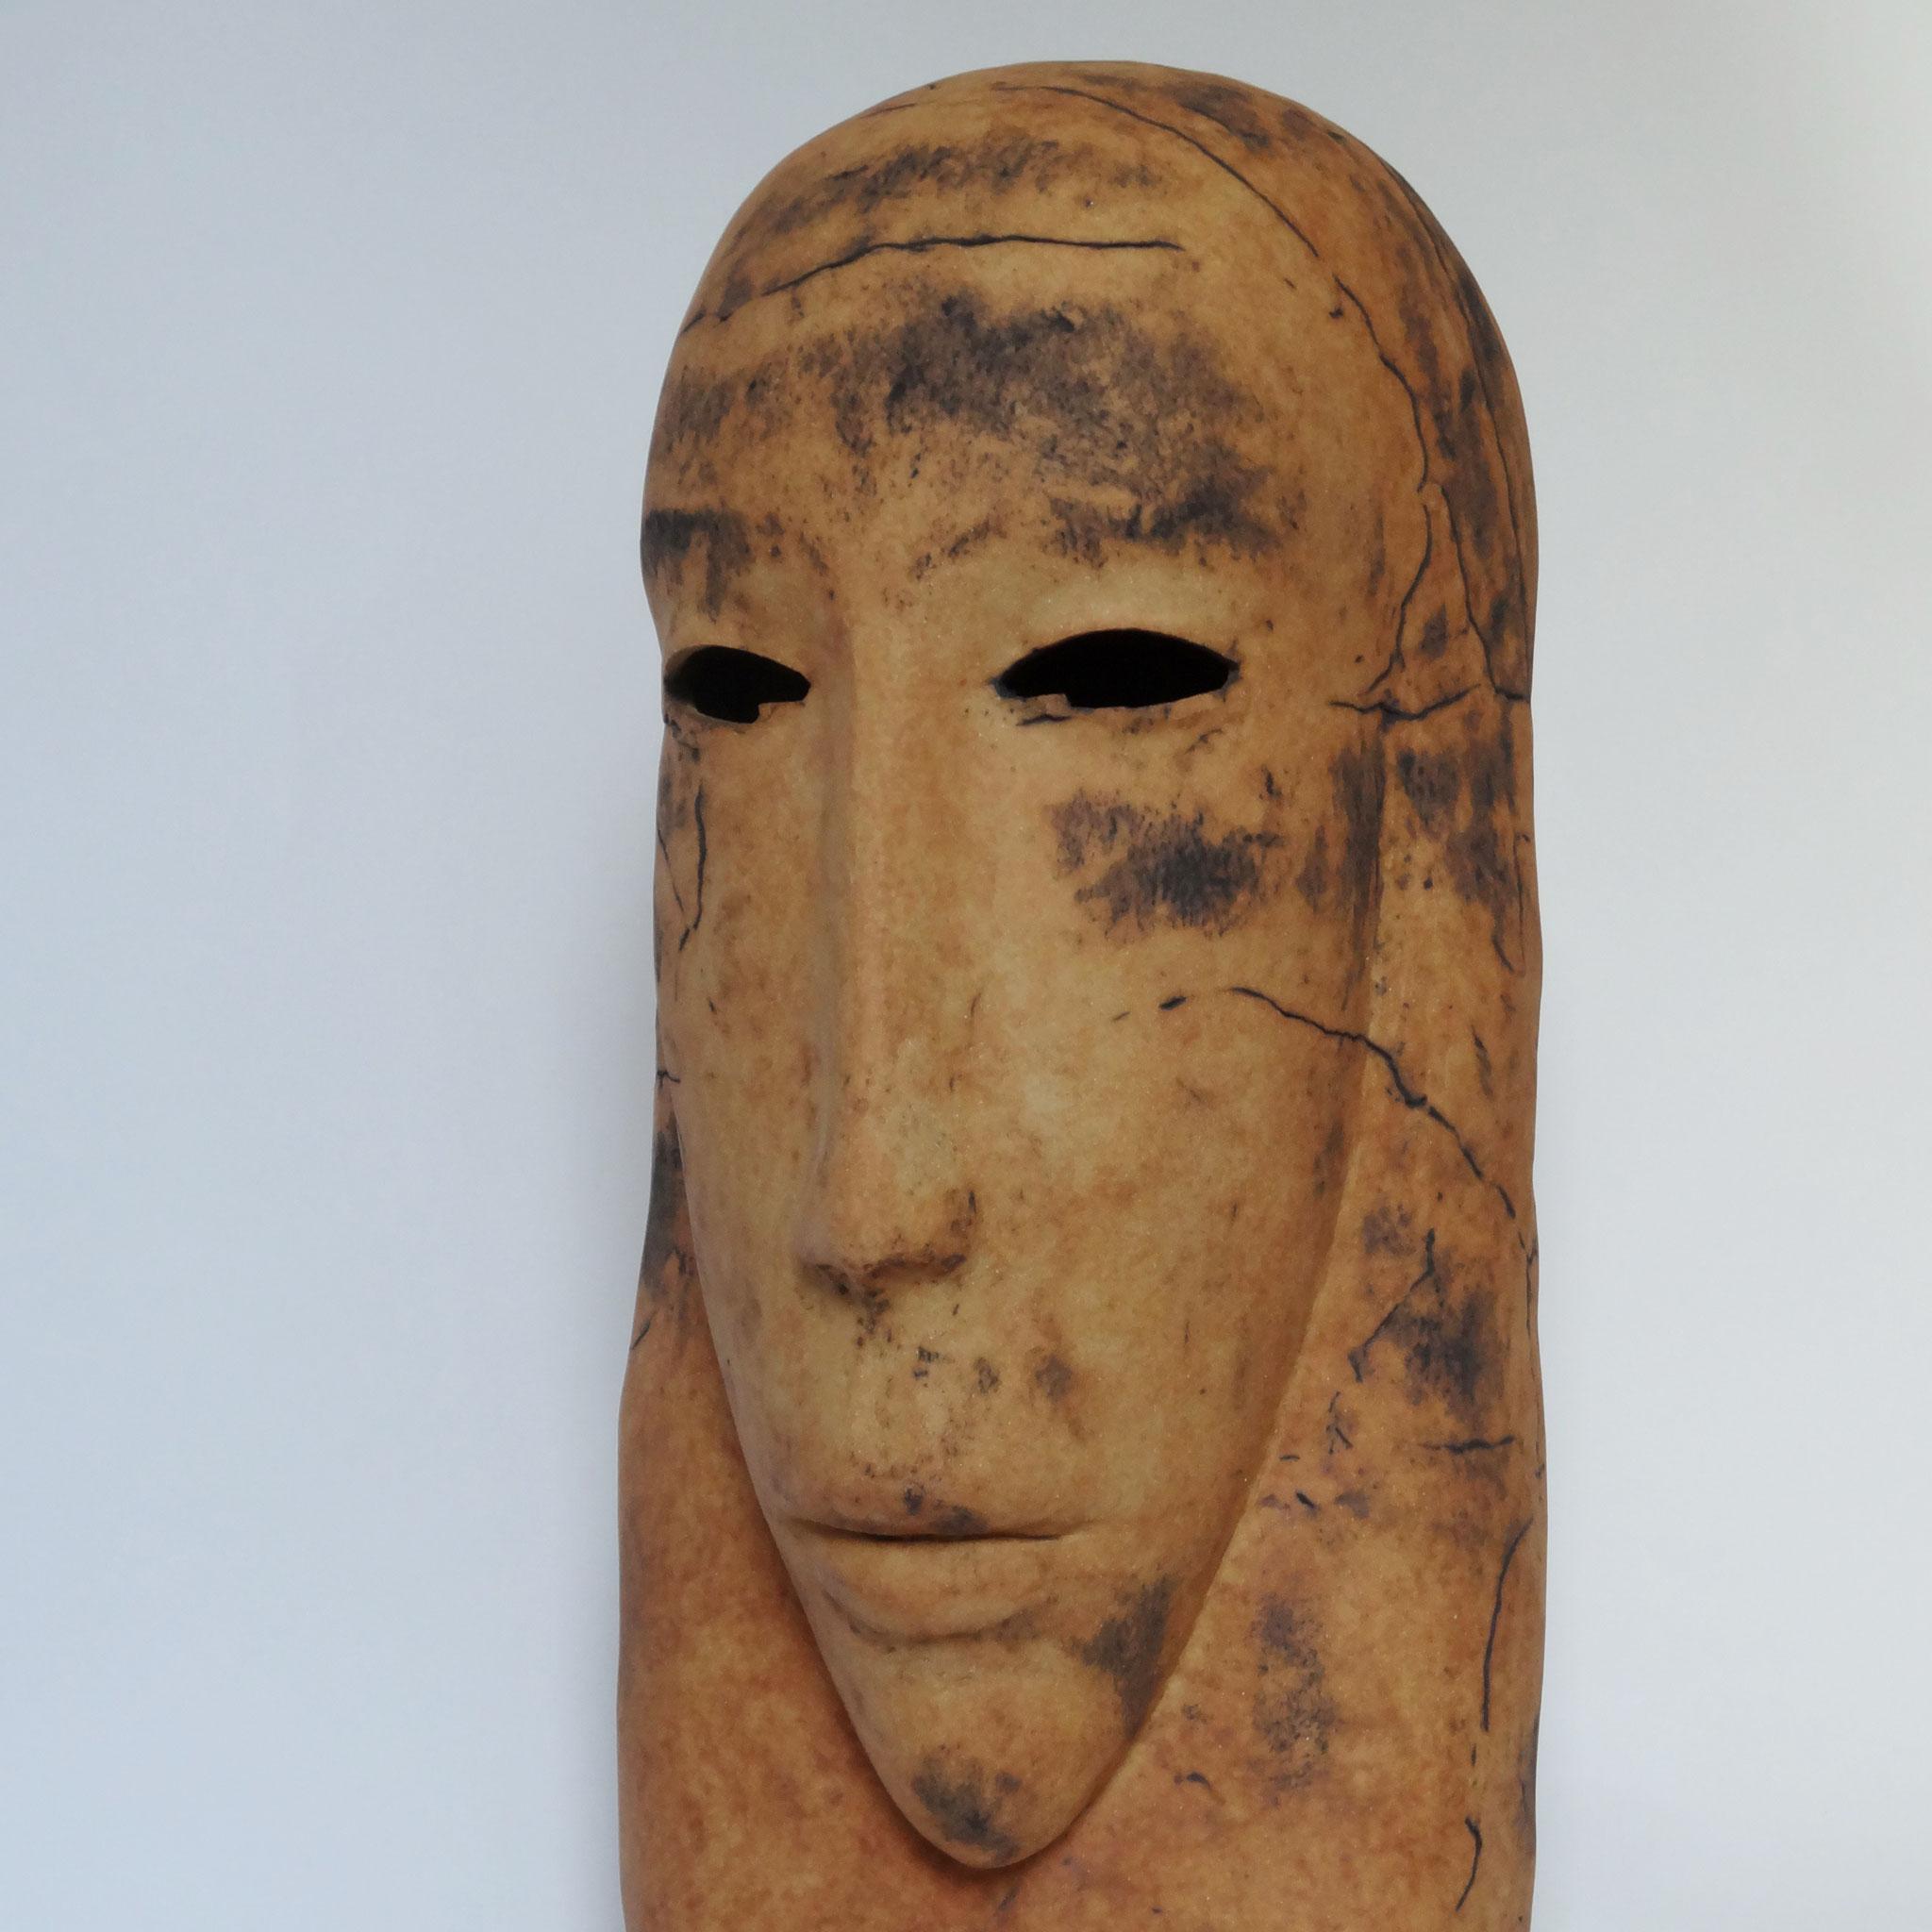 Sans titre (2015), céramique, 77x33x44 cm, Sculpture de Magdalena Kopacz.